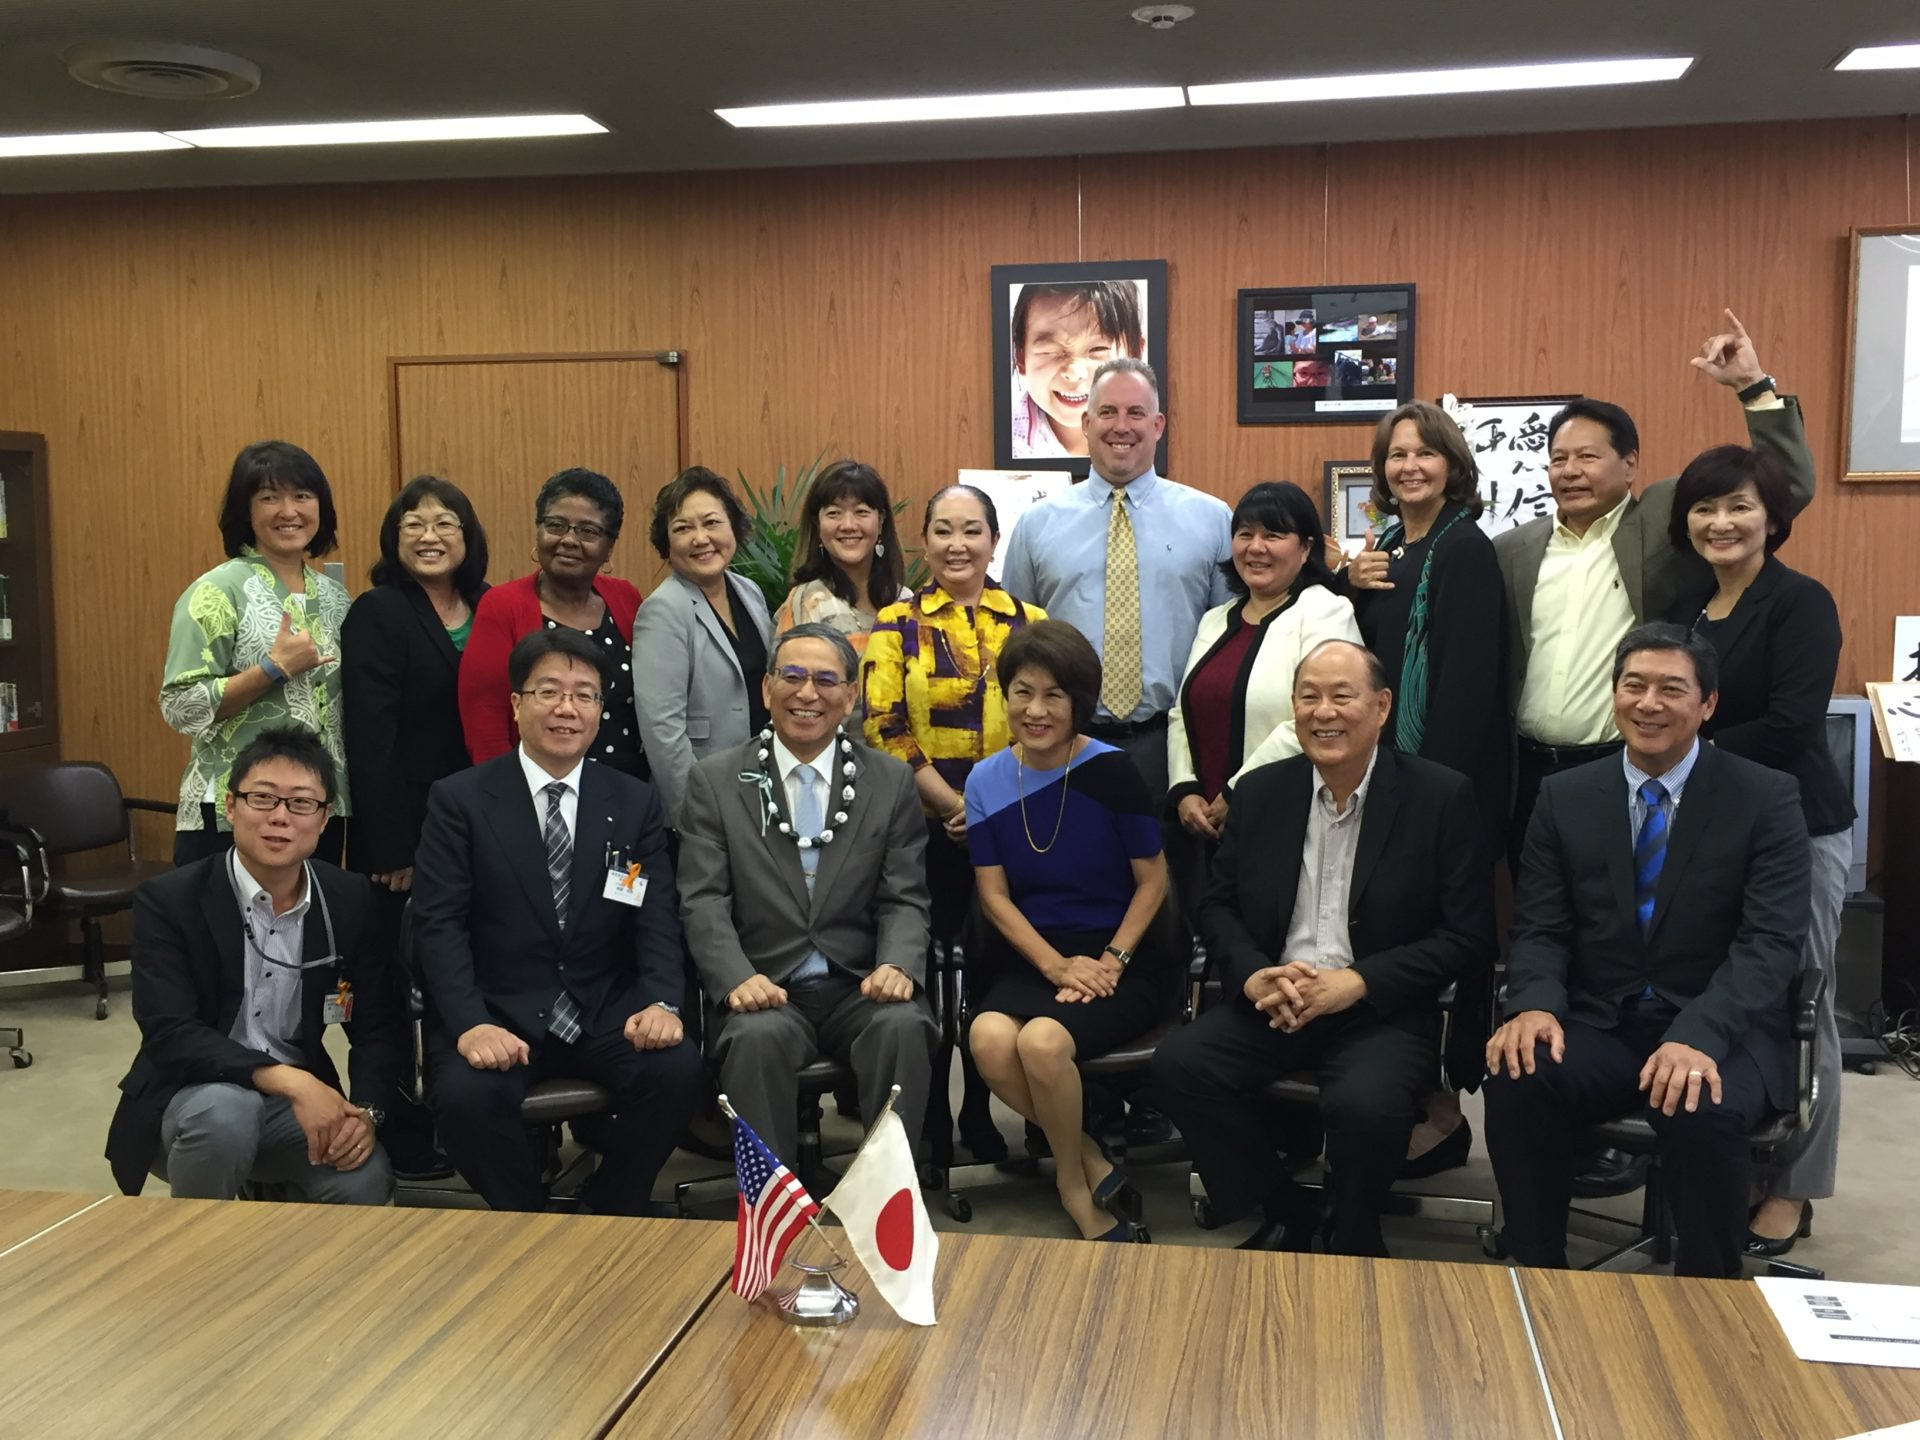 ハワイ州知事夫人、ハワイ大学、ハワイ州観光局、ハワイ州教育局とともに広島県教育委員会を訪問。